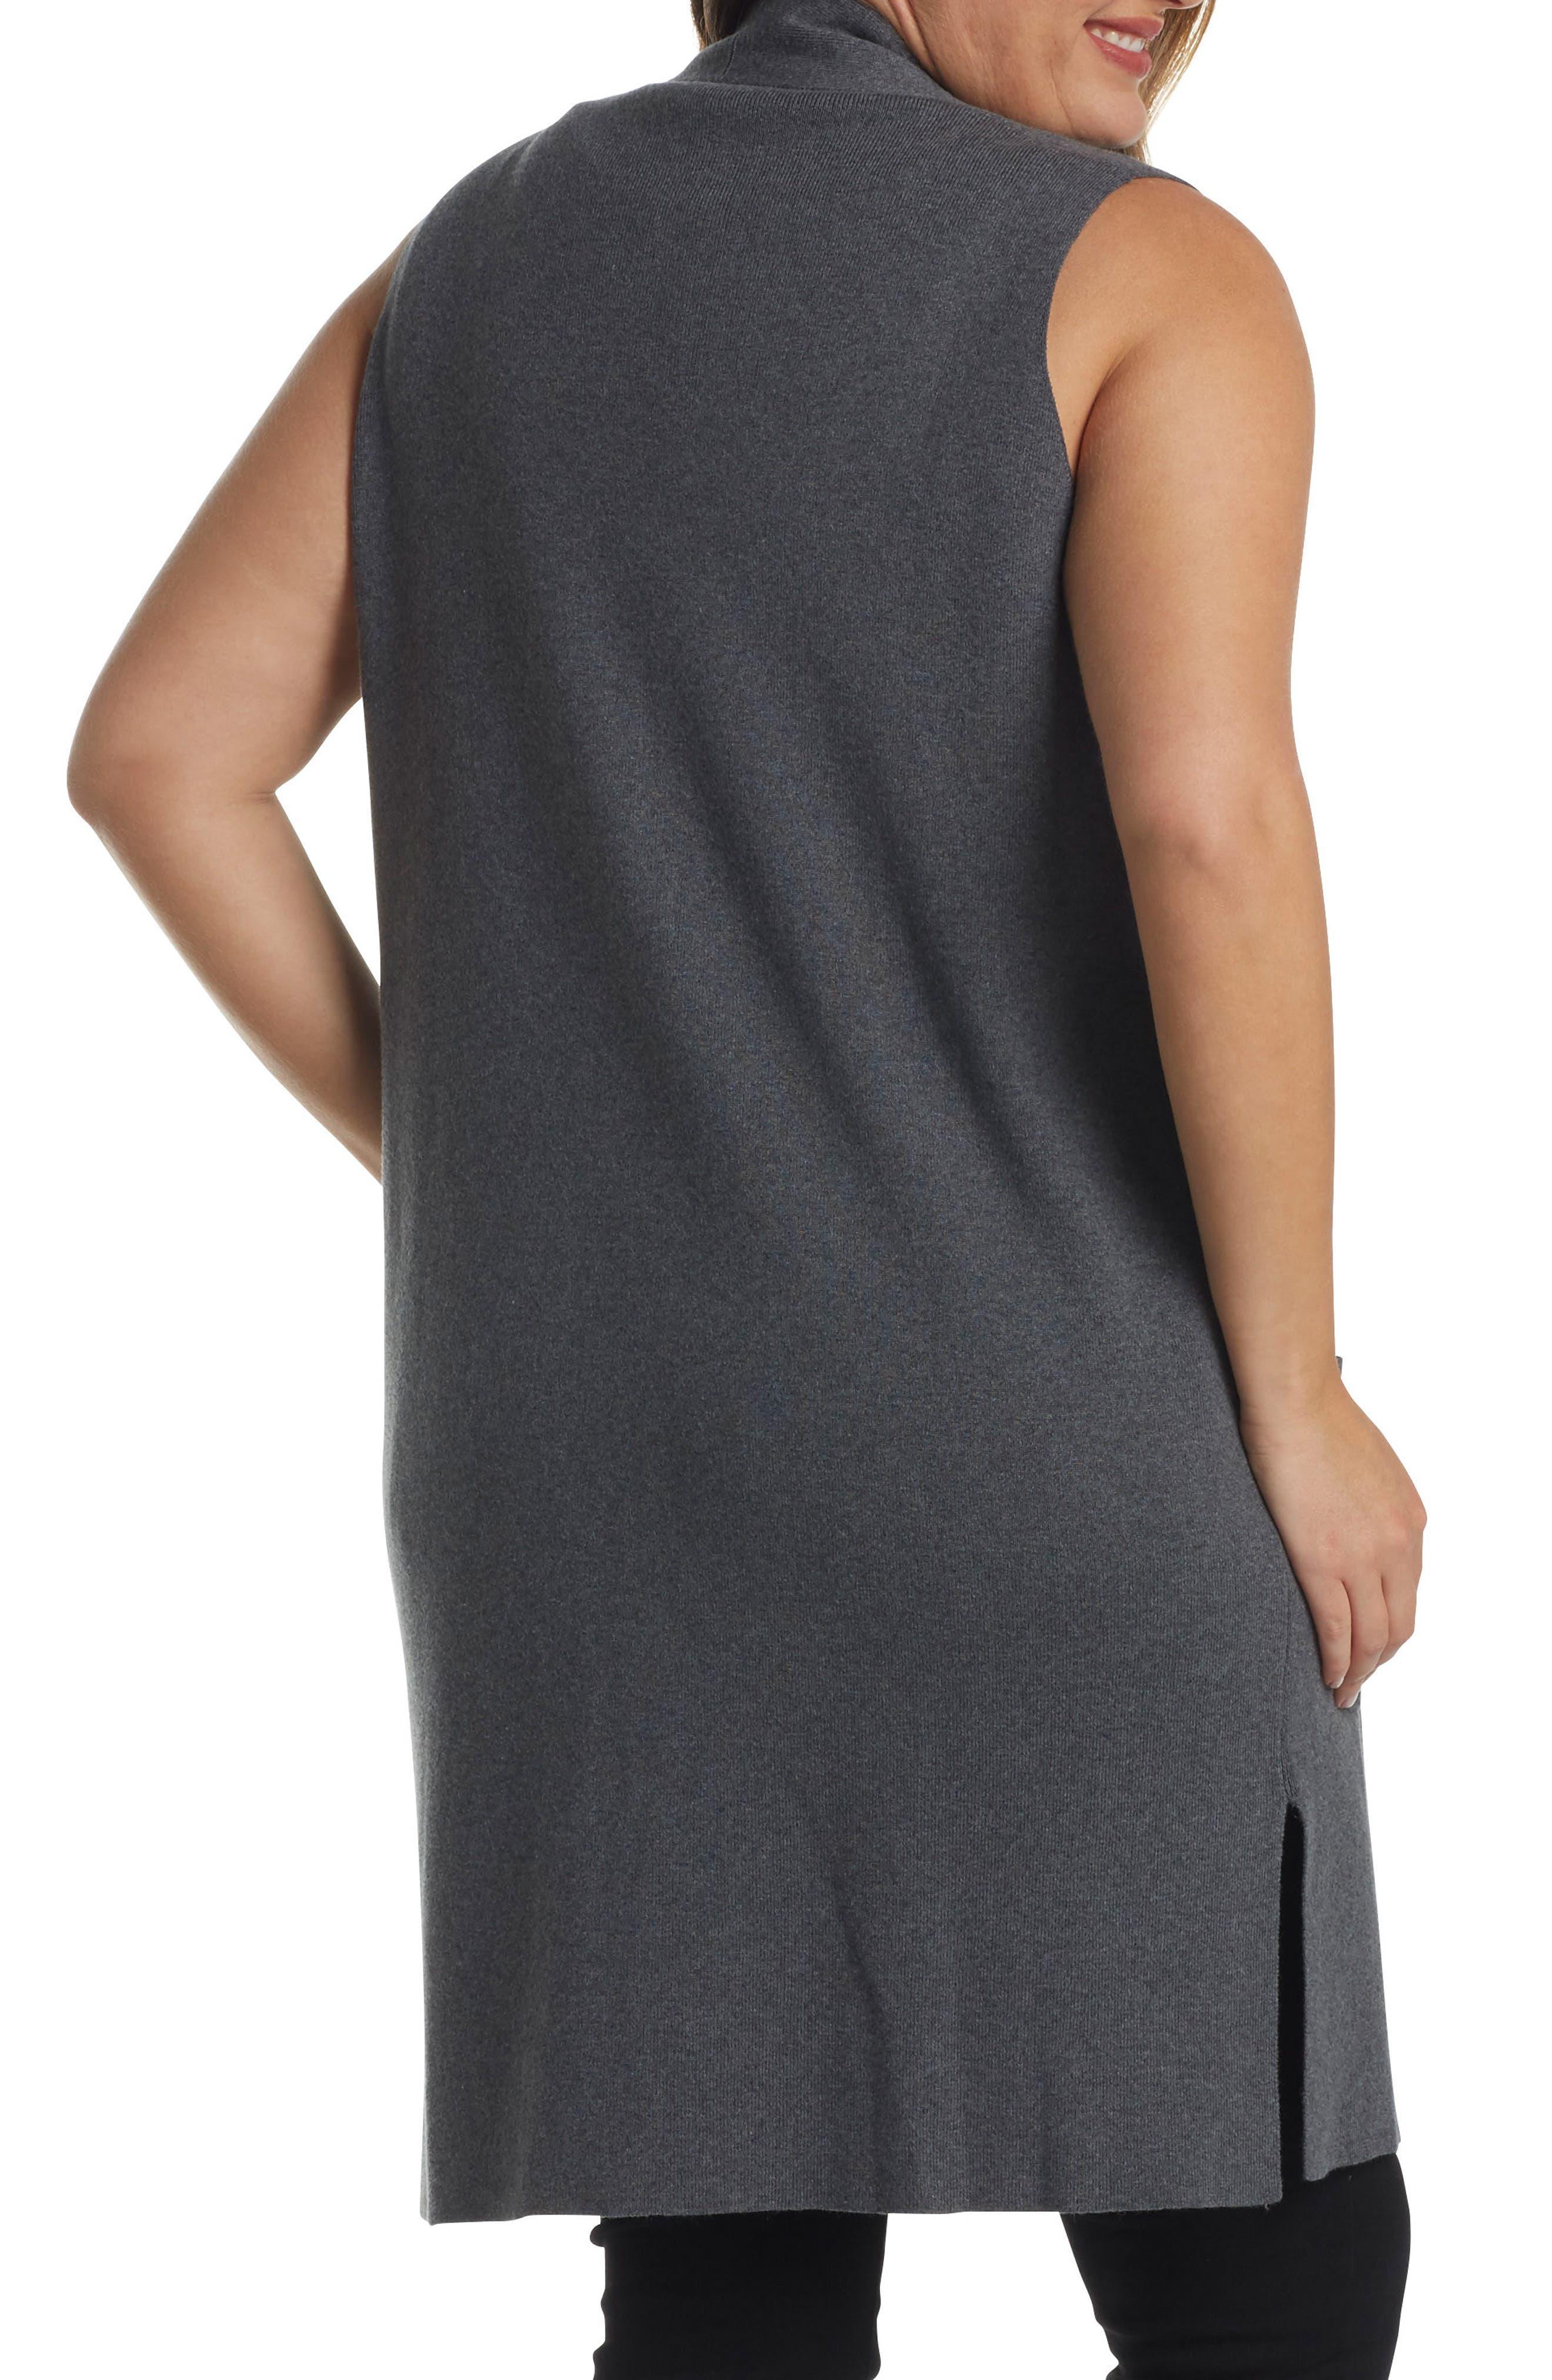 Melva Cotton & Cashmere Open Front Sweater Vest,                             Alternate thumbnail 3, color,                             023